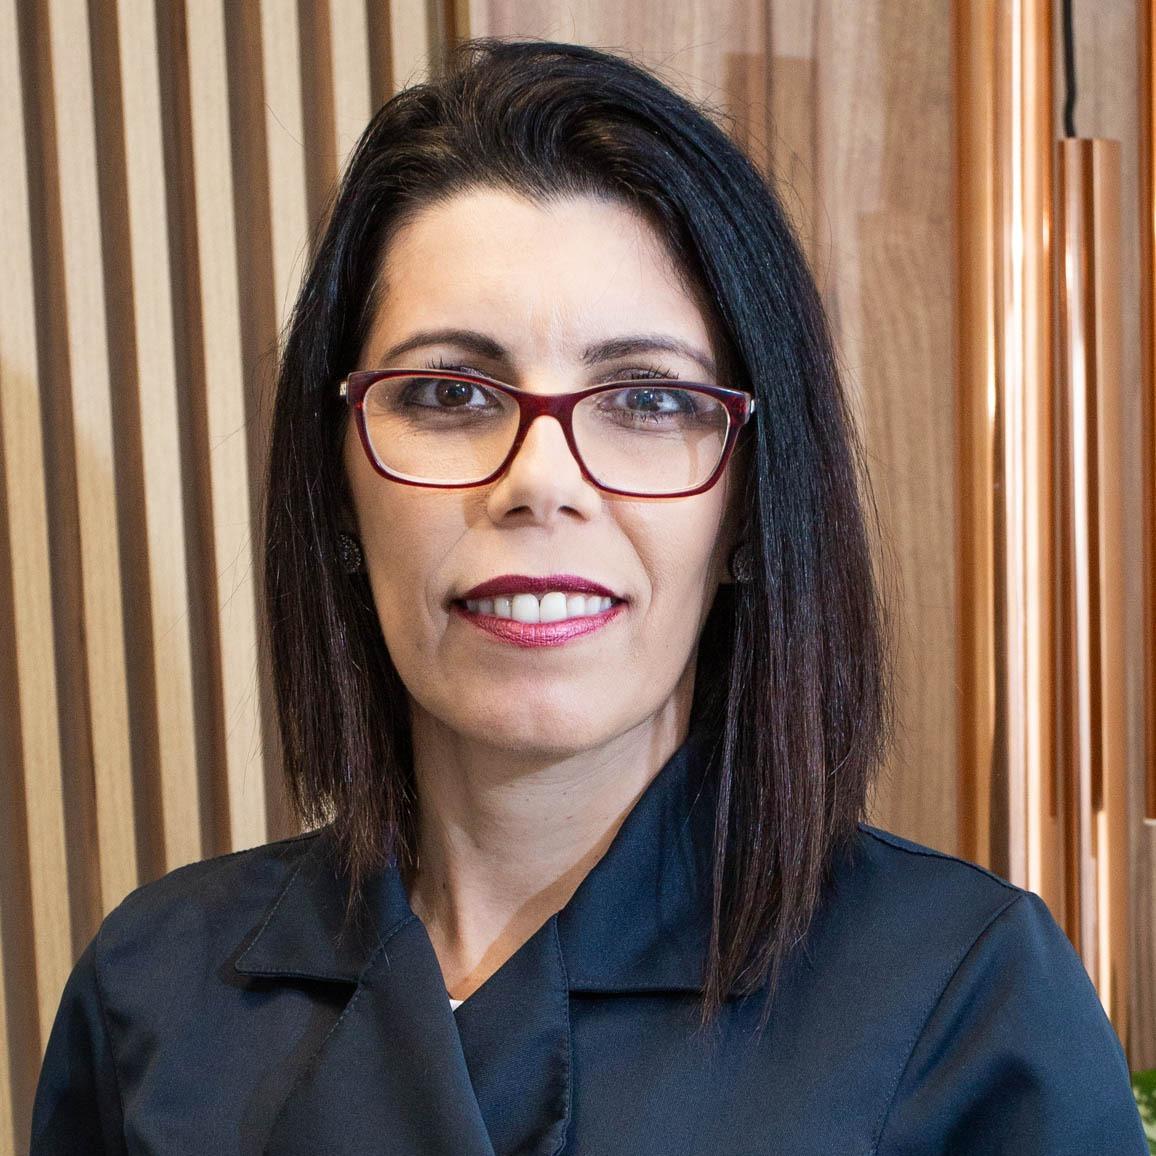 Izolete Vieira